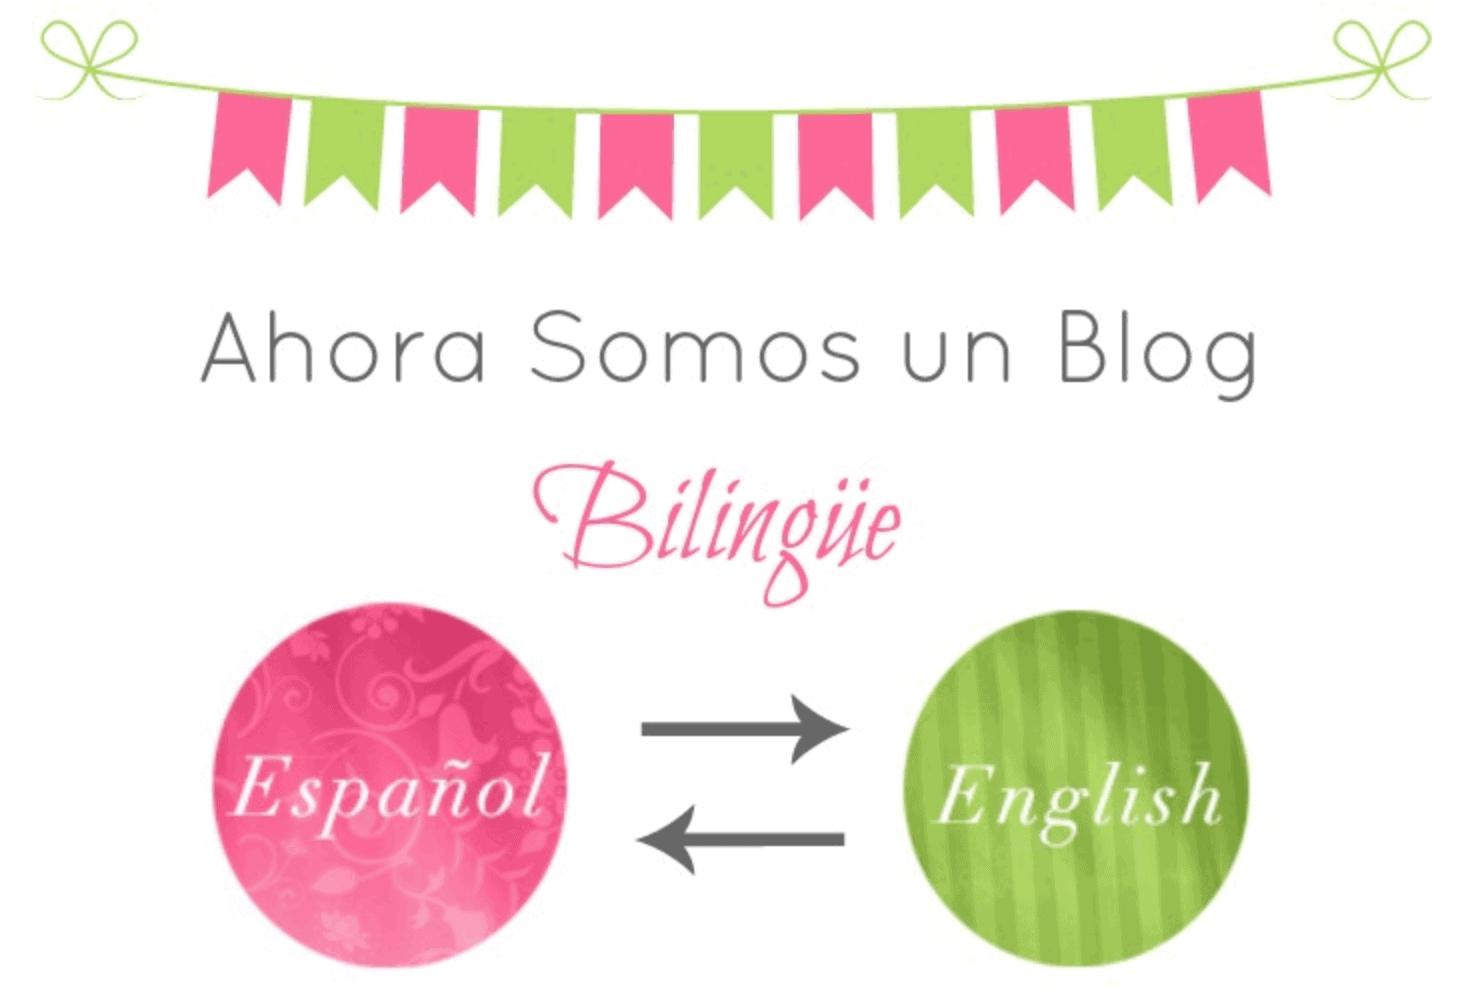 Ahora somos un blog bilingue